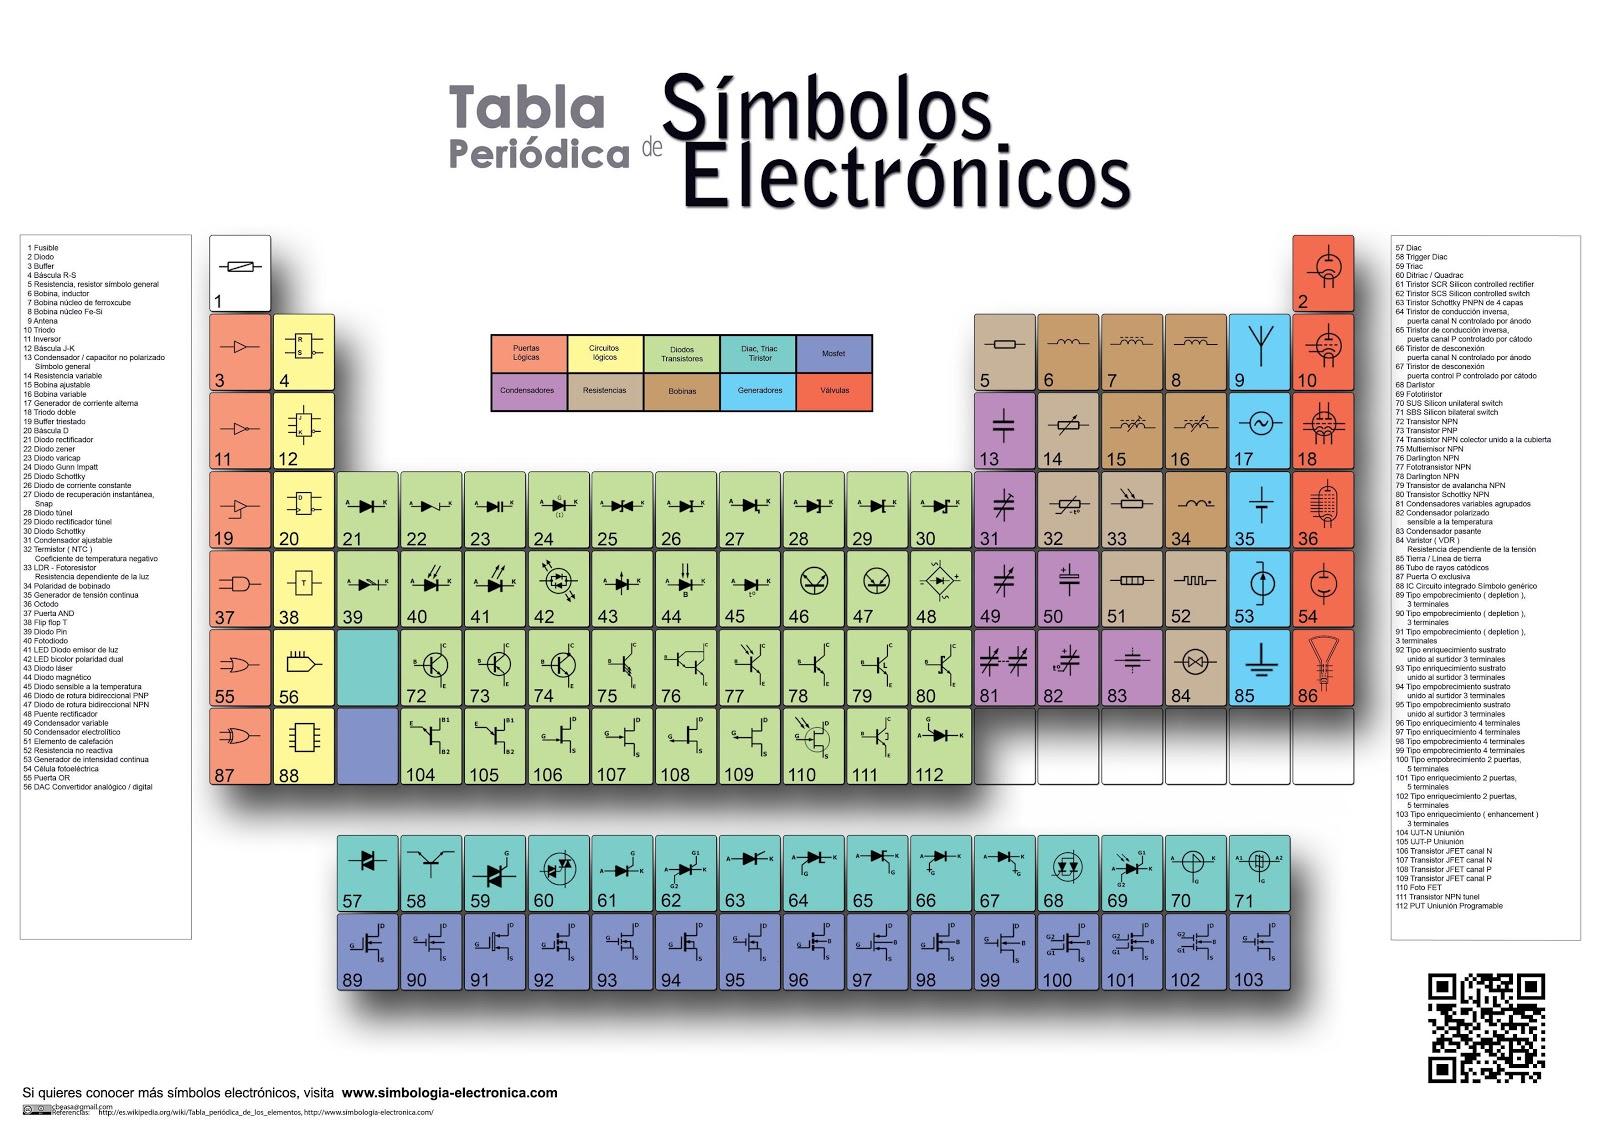 tabla peridica de smbolos electrnicos - Tabla Periodica De Los Elementos Partes